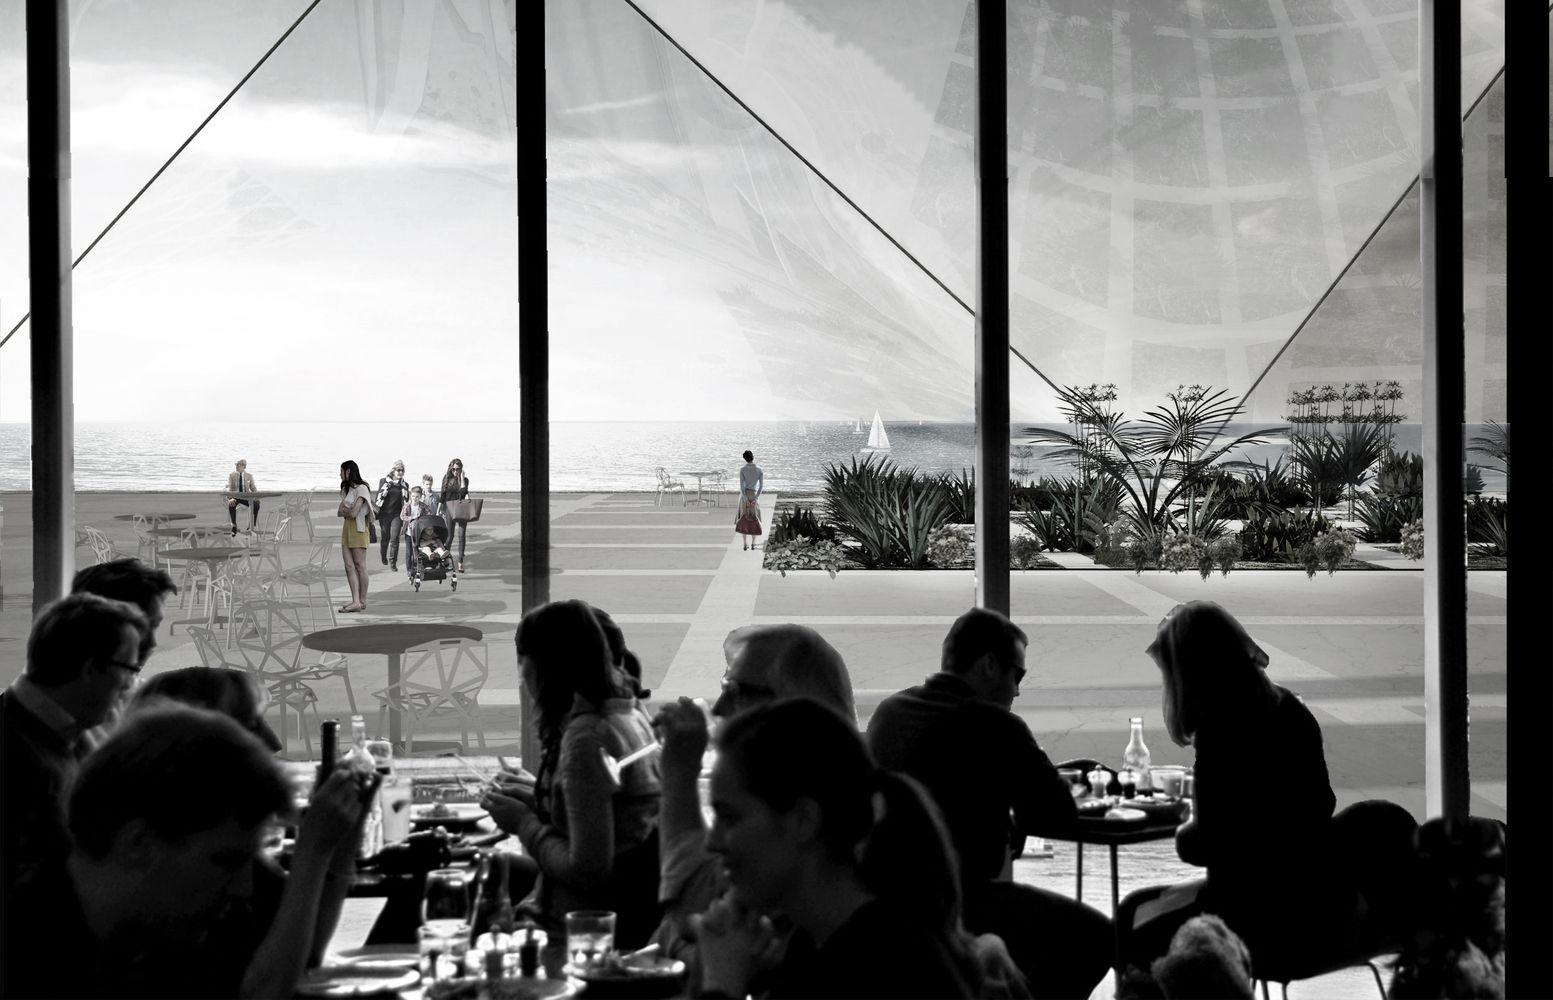 Galeria de OMA divulga imagens de um projeto alternativo para o Lucas Museum - 9